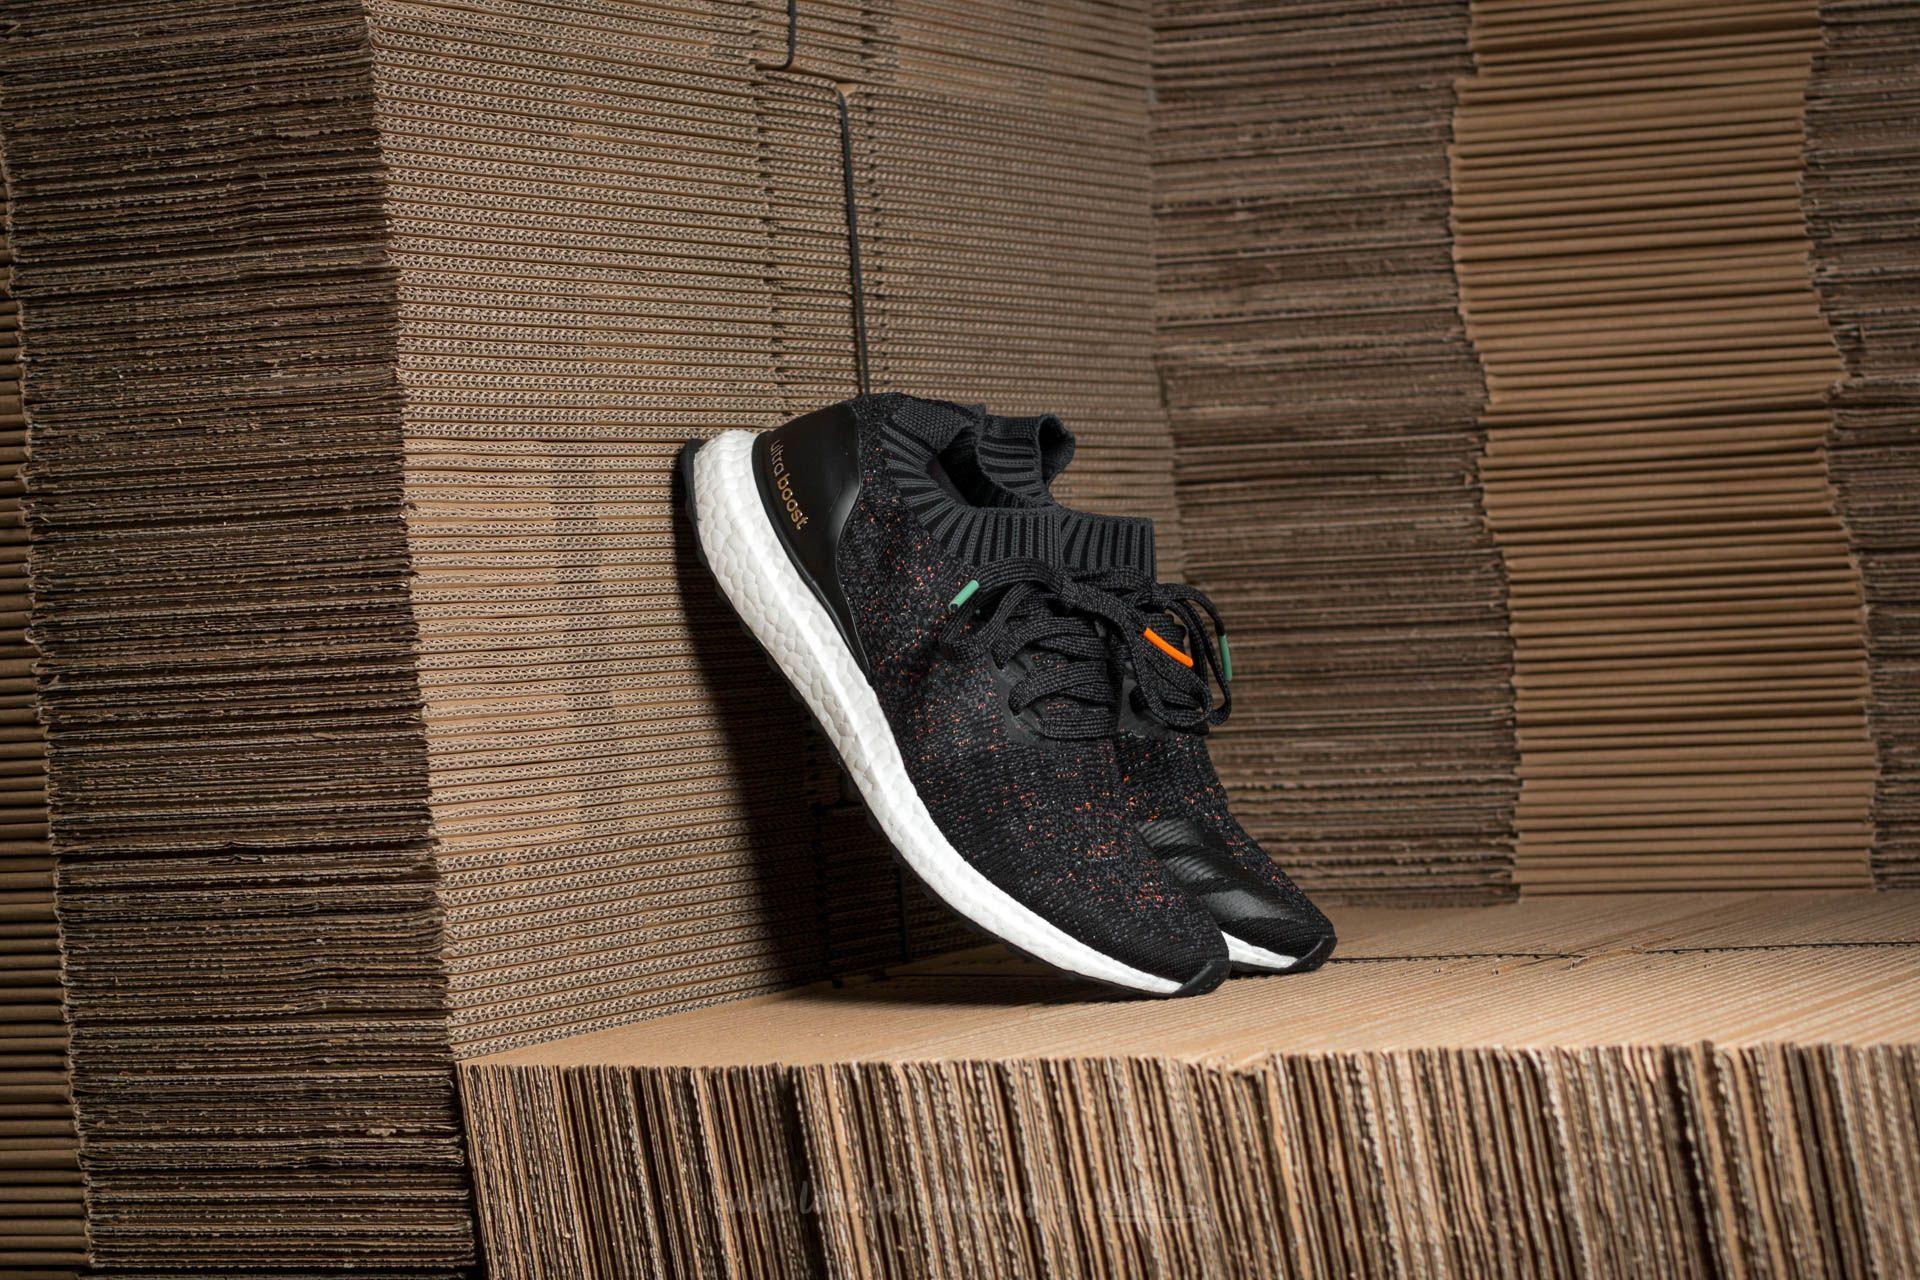 e26f8bbbecfac adidas UltraBoost Uncaged W Core Black  Multi Color